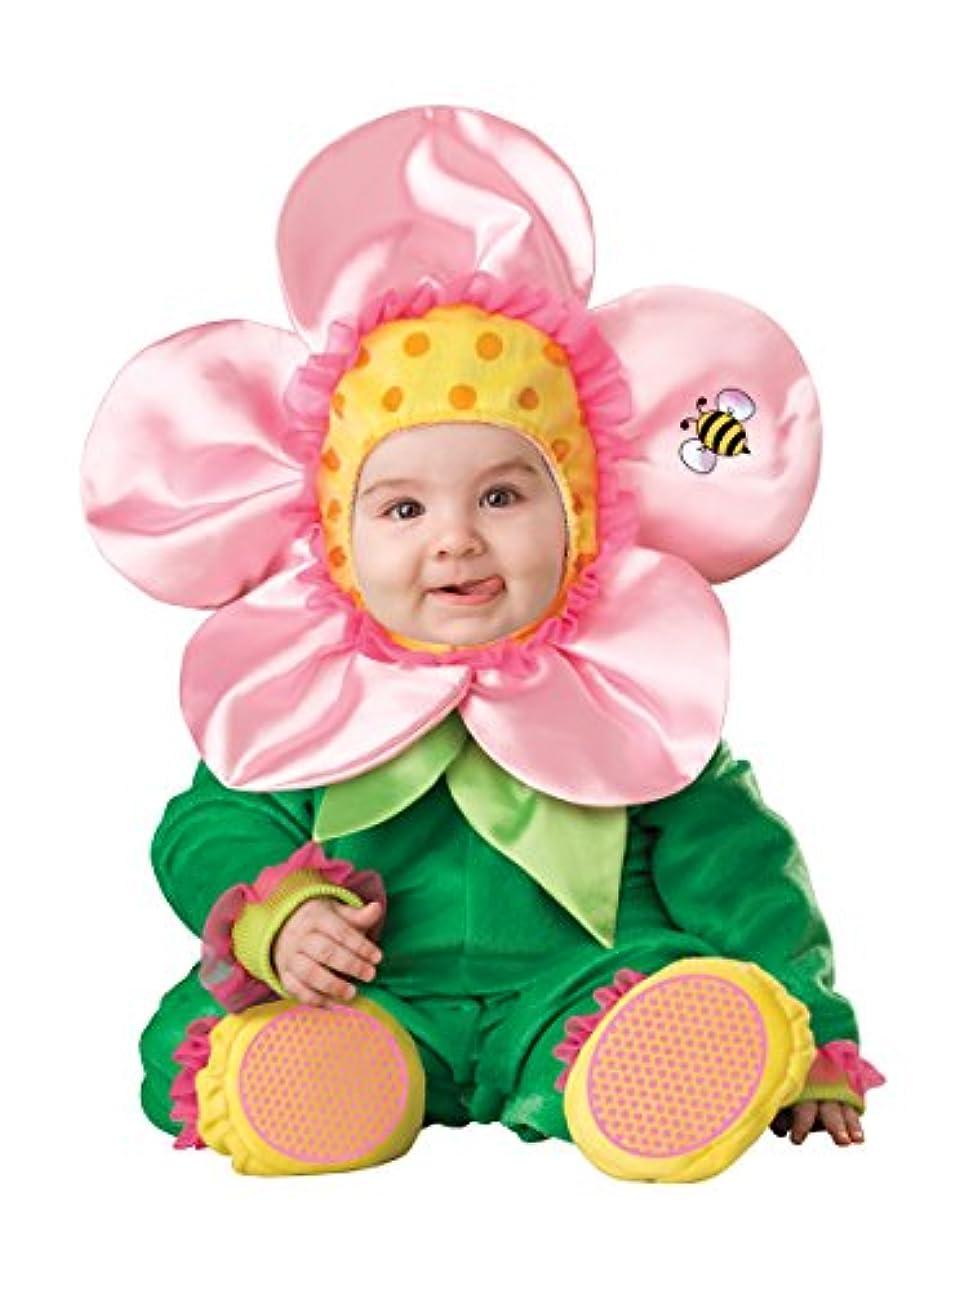 柔らかい足抱擁パフBaby Blossom Infant/Toddler Costume 赤ちゃんブロッサム幼児/幼児コスチューム サイズ:Infant (6-12M)